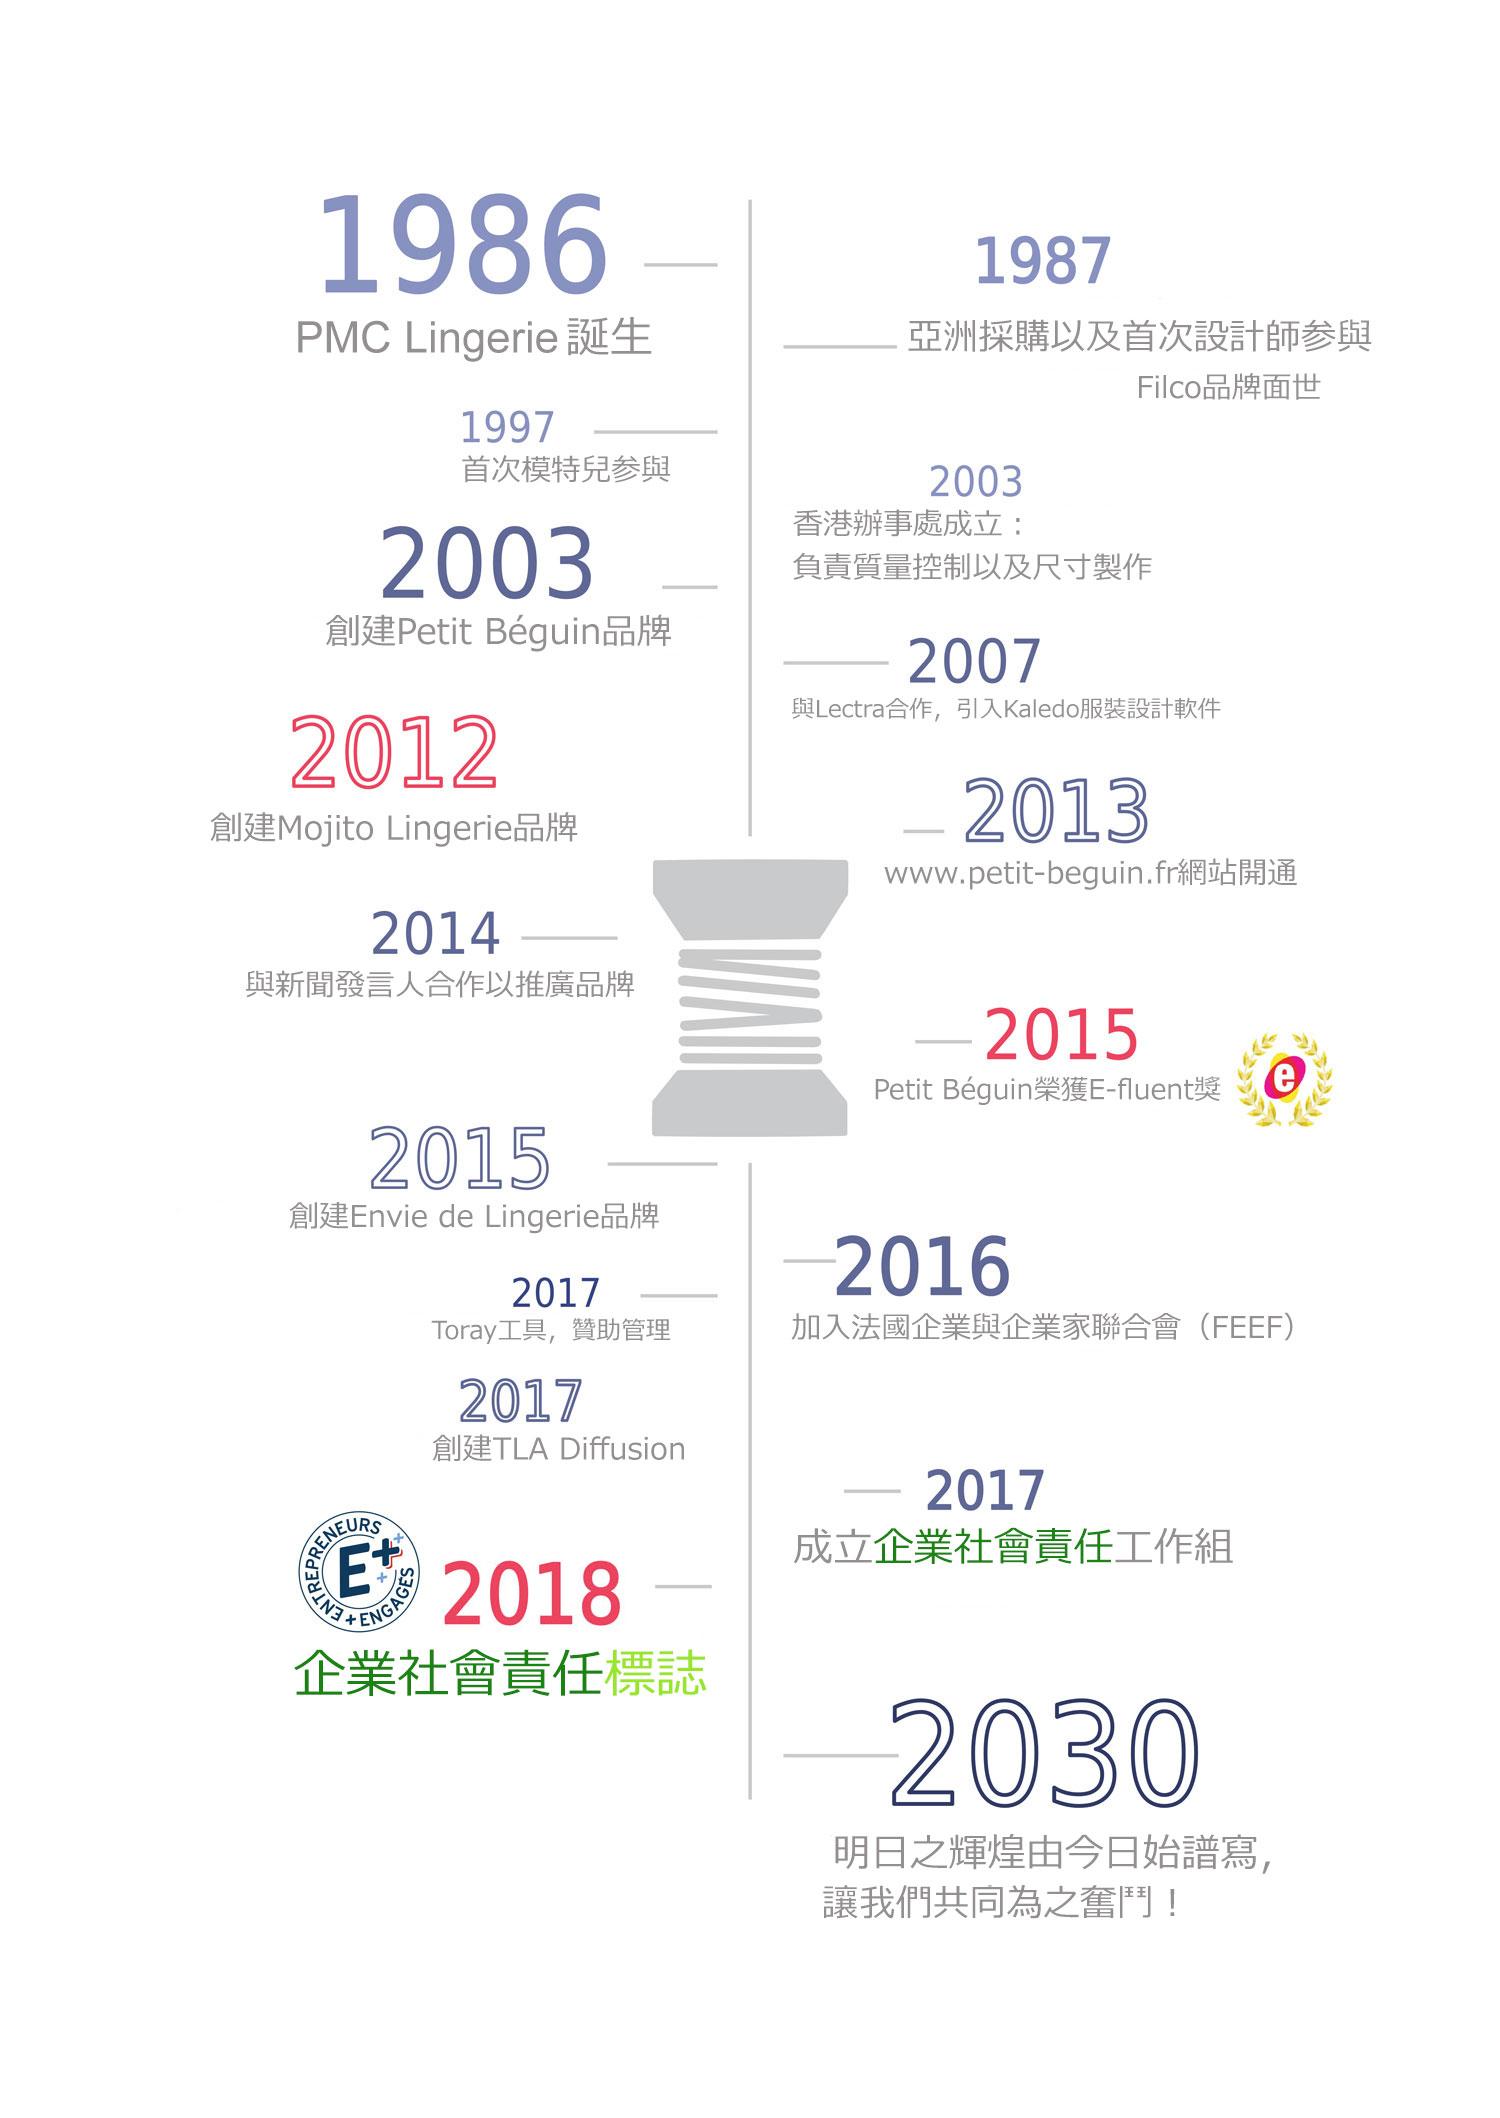 Les-chiffres-clés-PMC-Lingerie-2018-Chinois